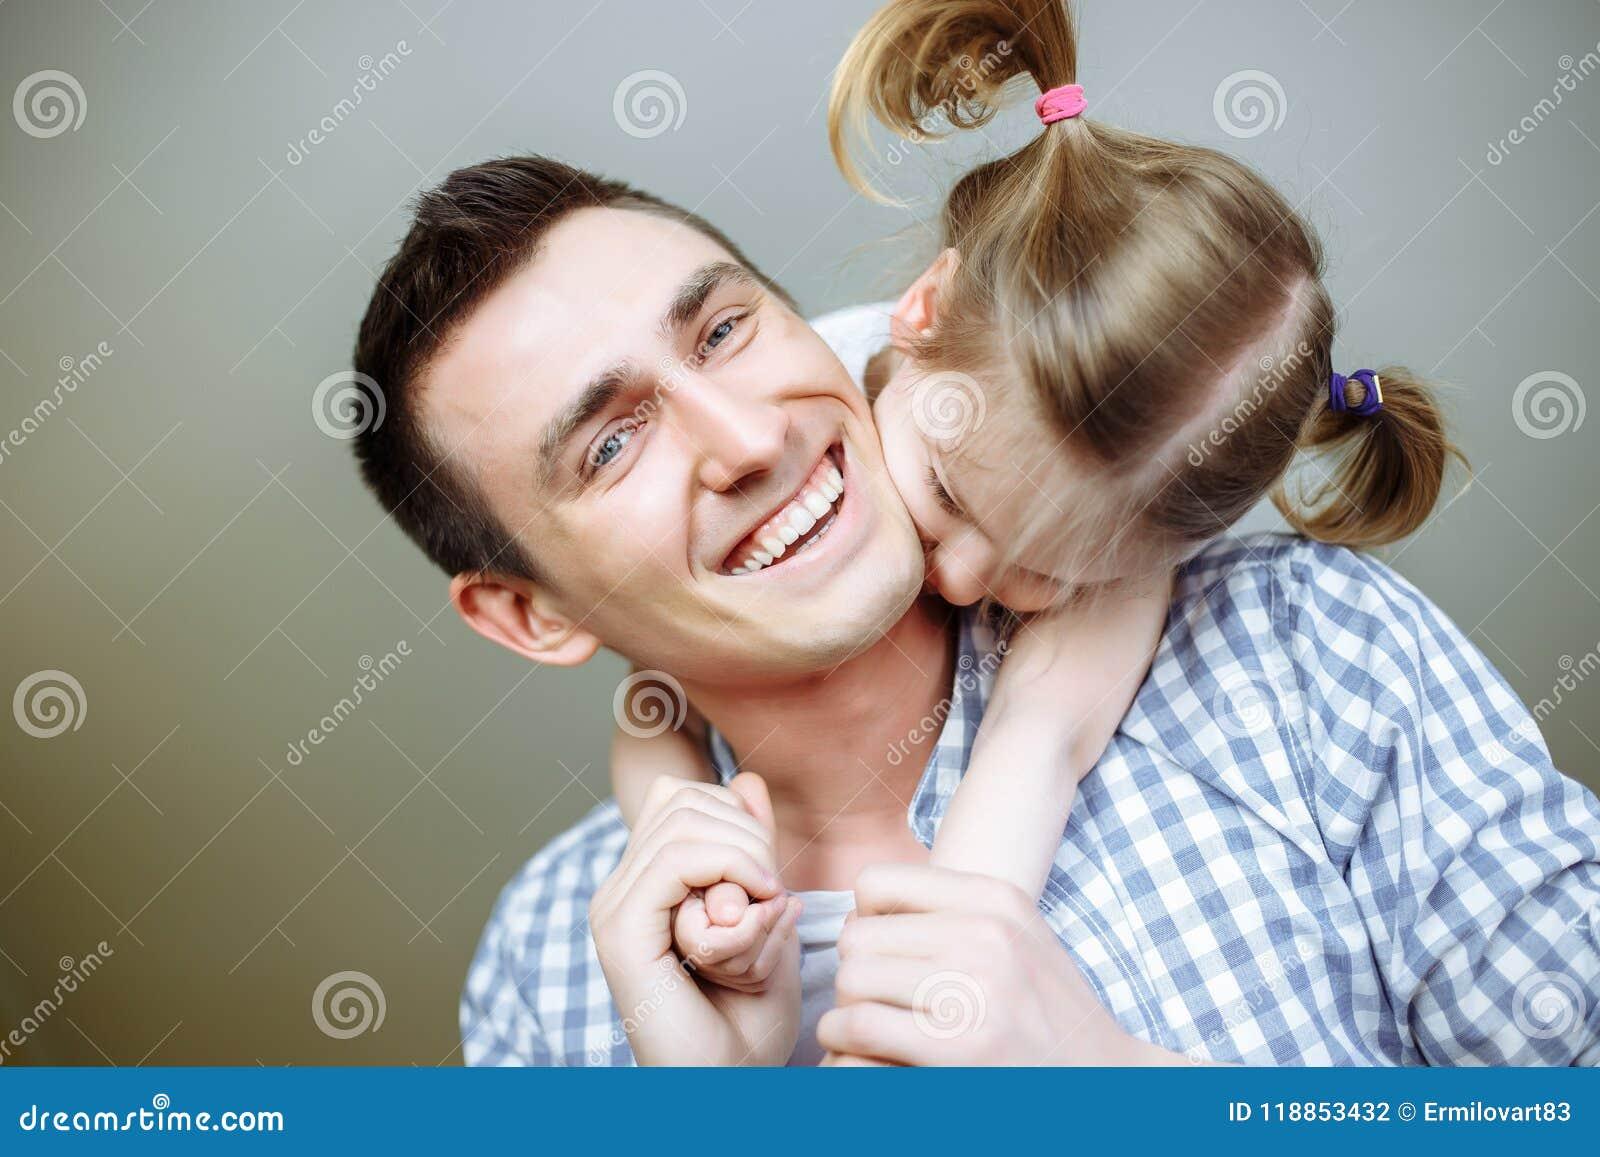 Vati und sein Tochterkindermädchen spielen, lächeln und umarmen Familienurlaub und Zusammengehörigkeit Flache Schärfentiefe